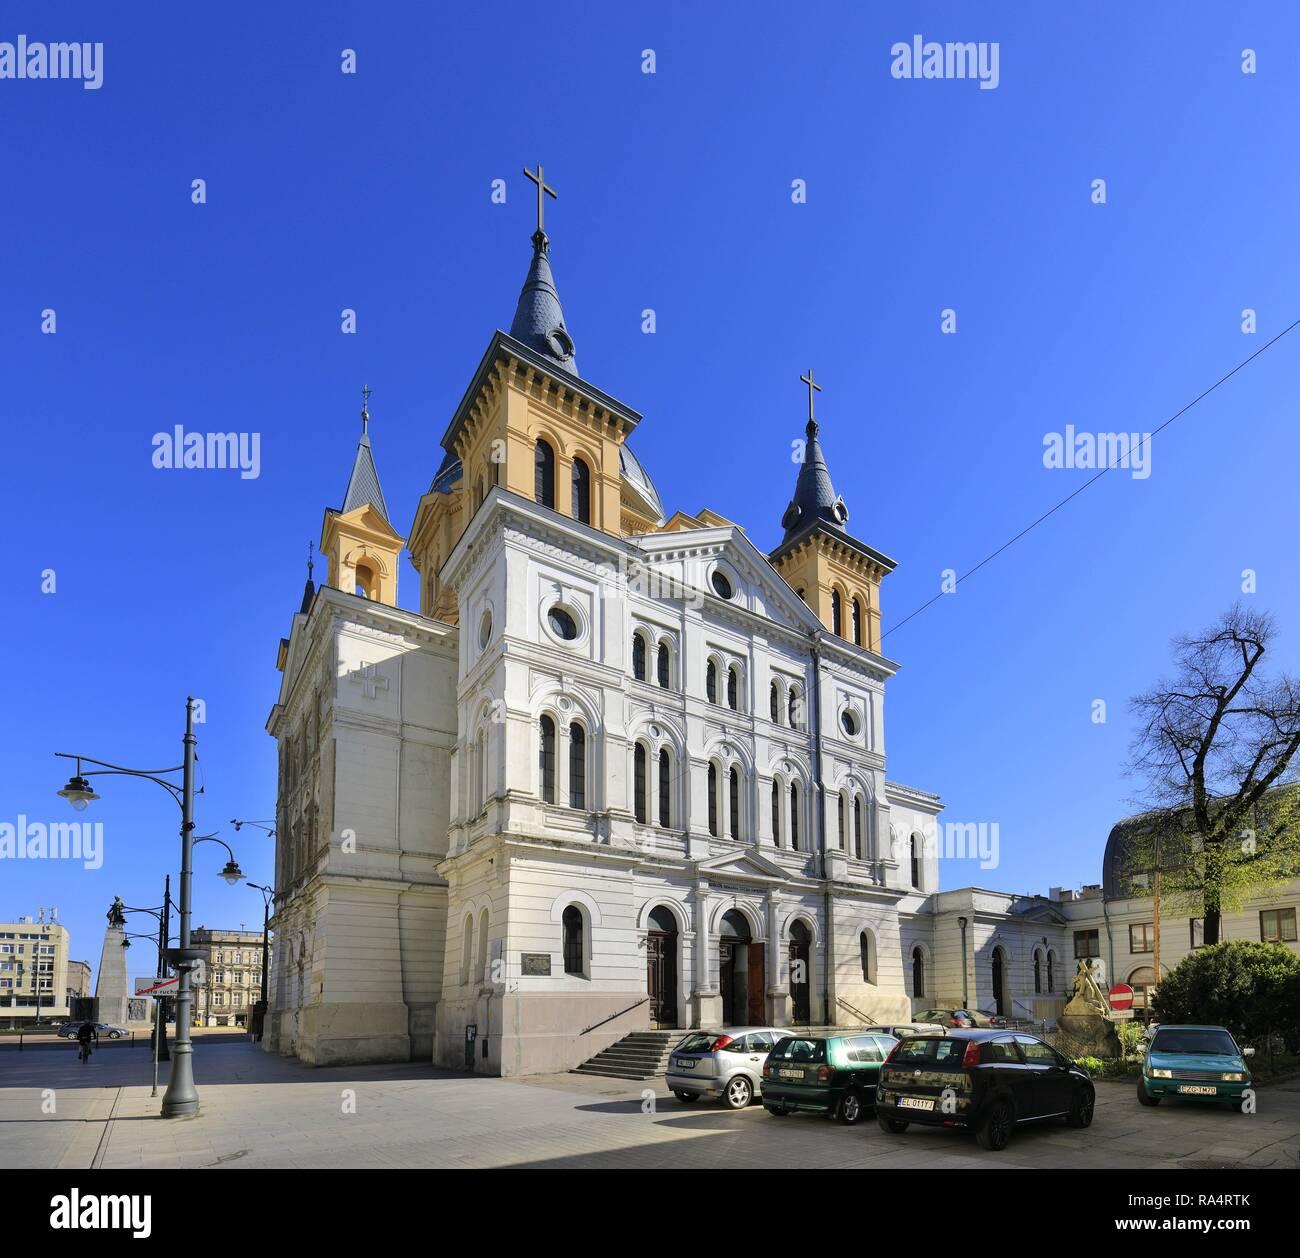 Lodz, Polska - Kosciol Zeslania Ducha Sw - Plac Wolnosci i ulica Piotrkowska Lodz, Poland - Historical quarter of Lodz and Pentecost Church at Piotrkowska street - Stock Image